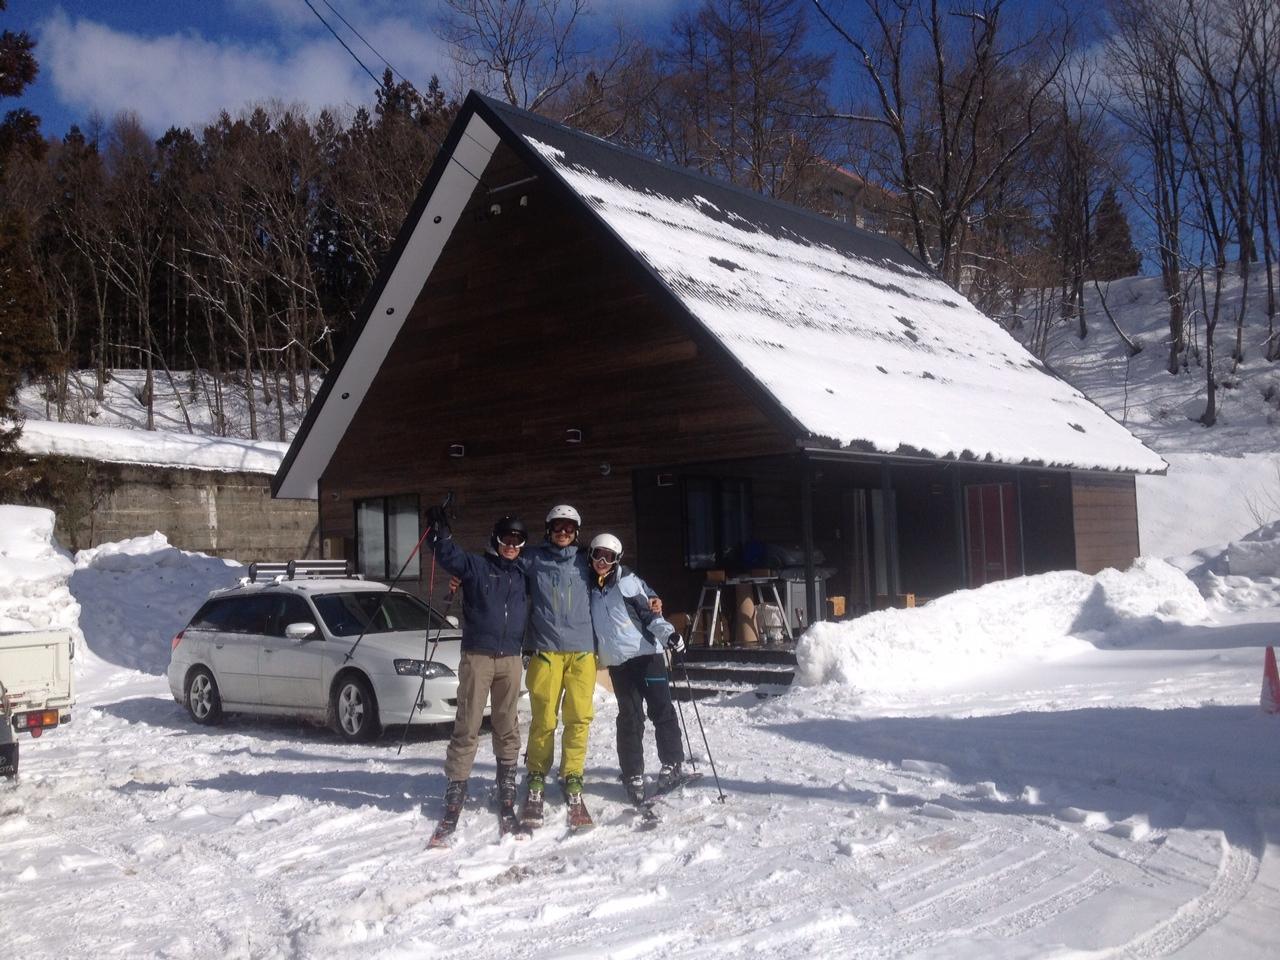 Japan Ski Chalet (81)